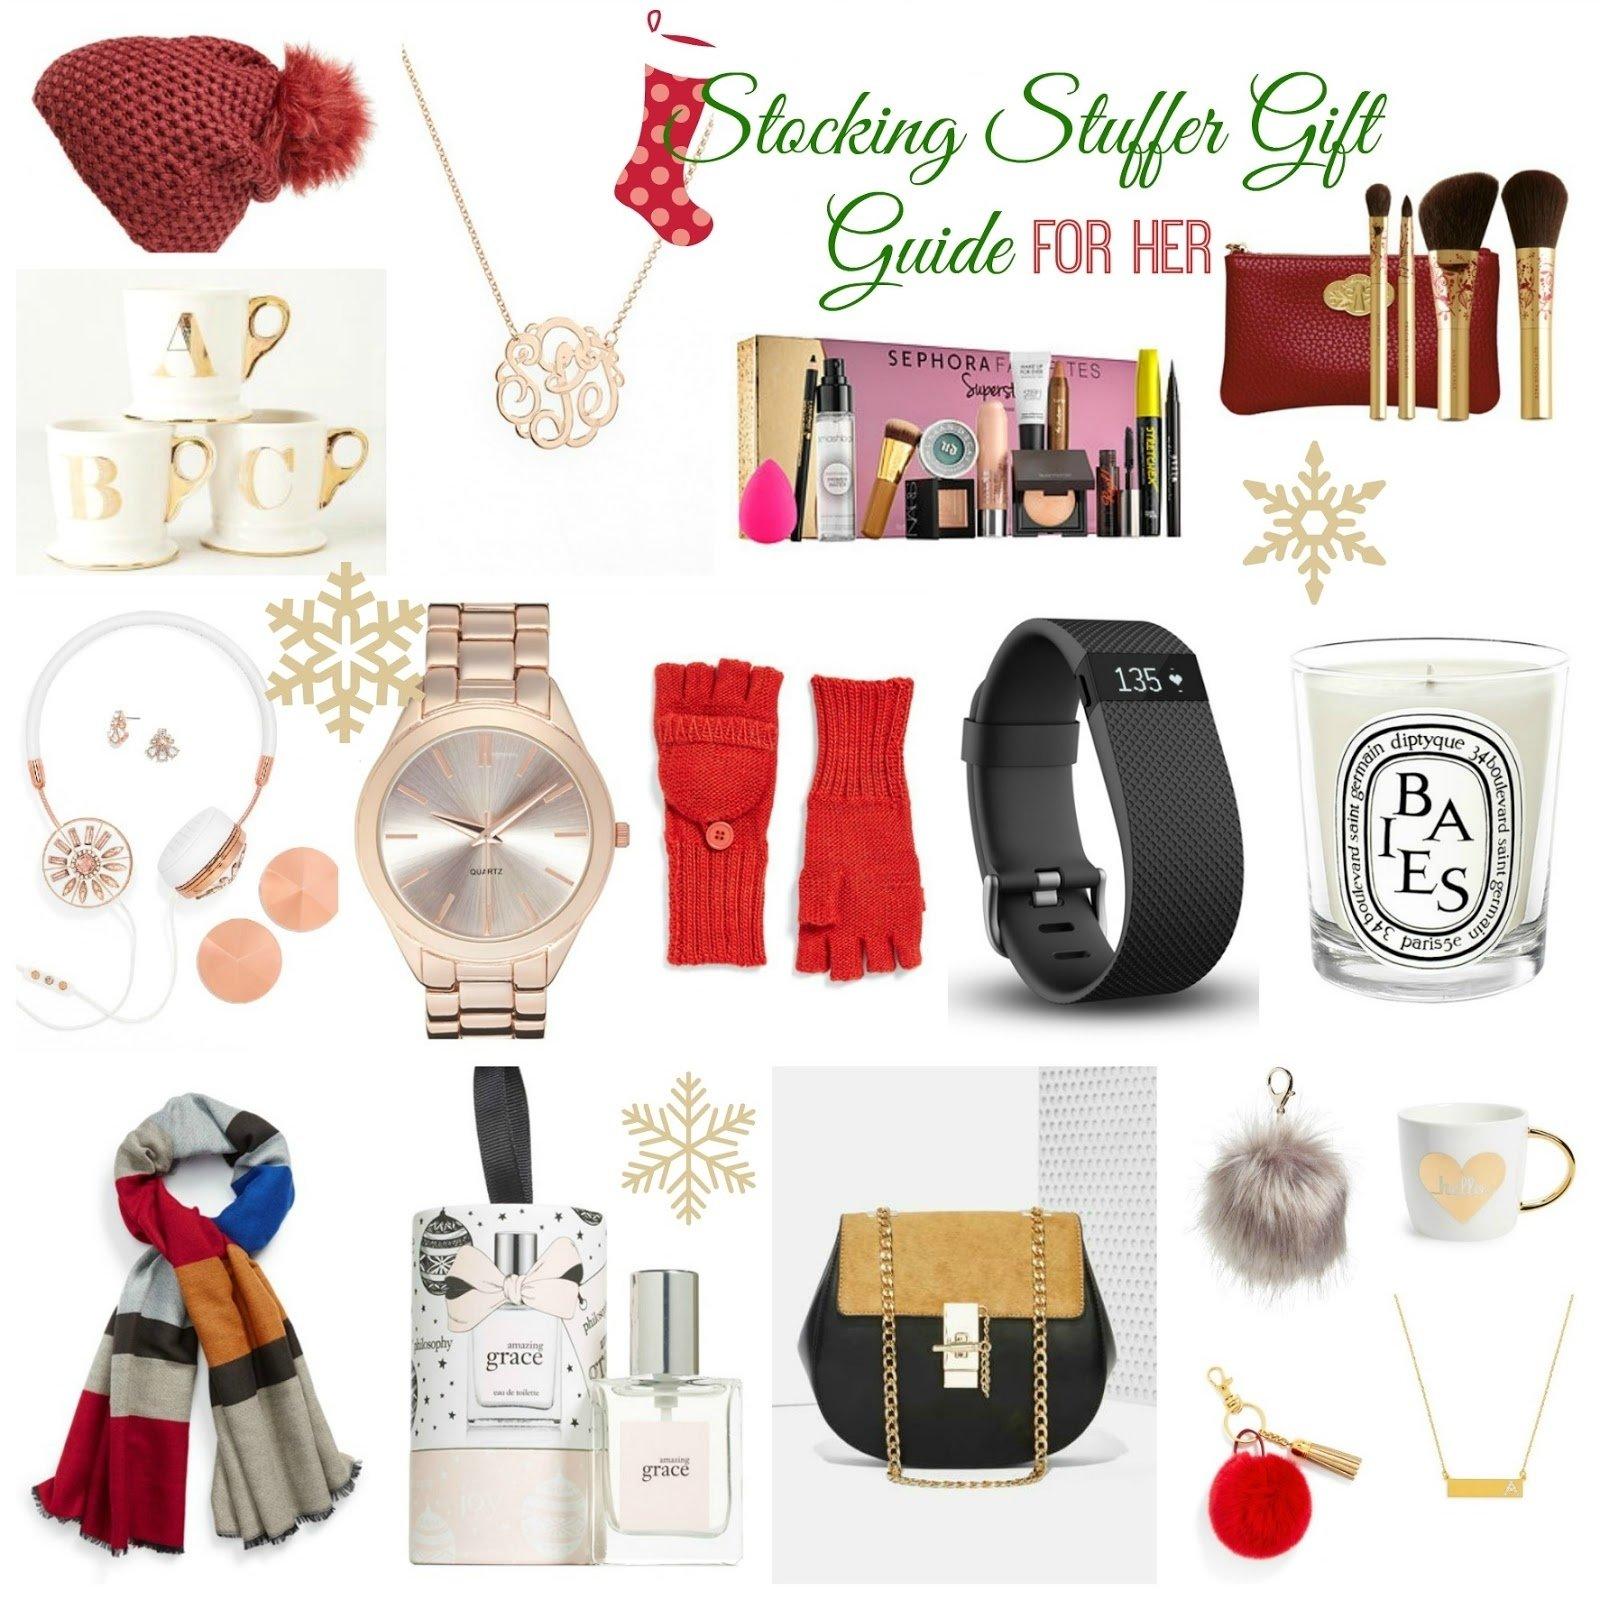 10 Lovable Stocking Stuffer Ideas For Her stocking stuffer ideas for her kiss me darling 3 2021